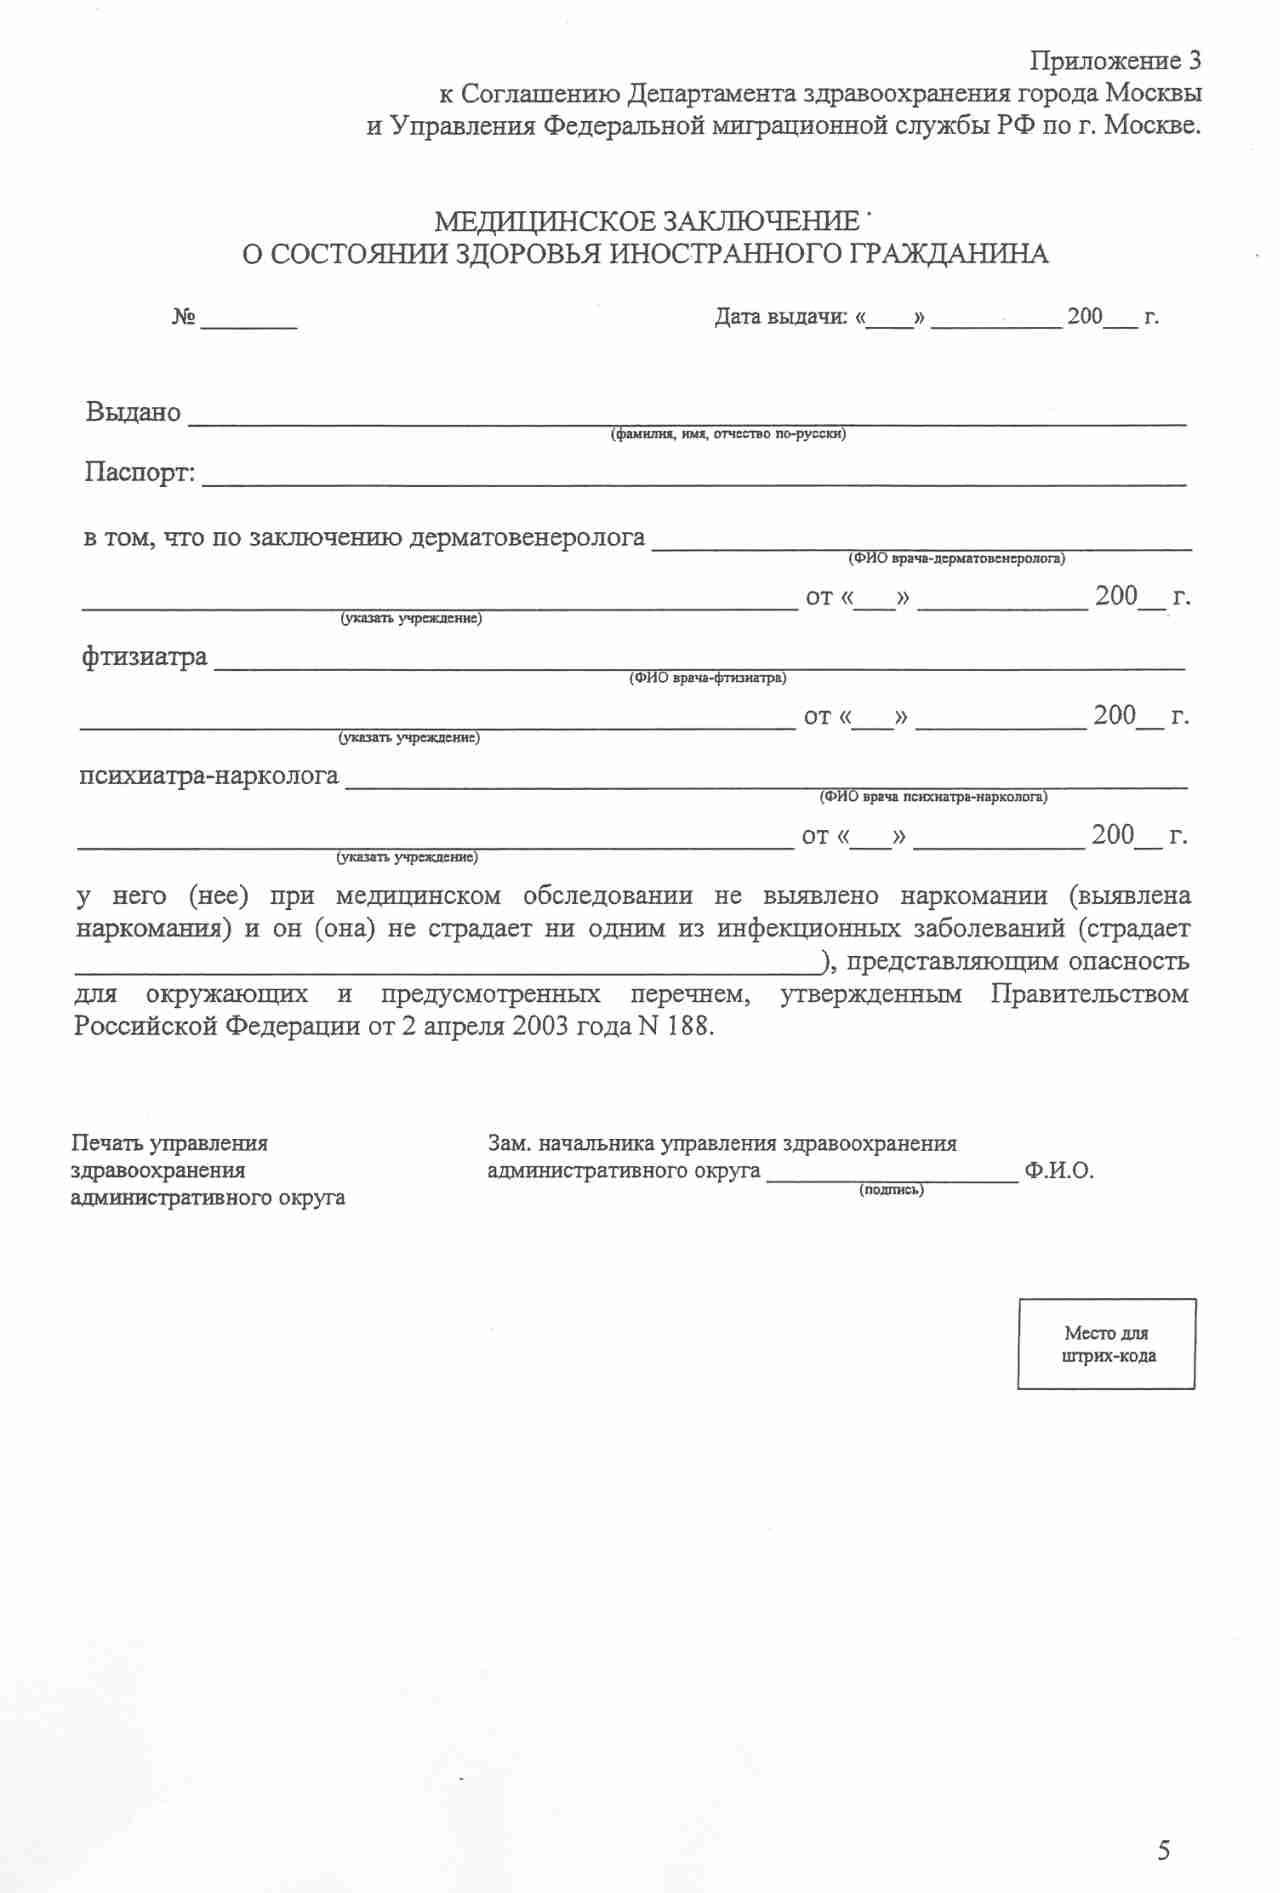 Медицинская справка для оформления на работу справка 095 москва